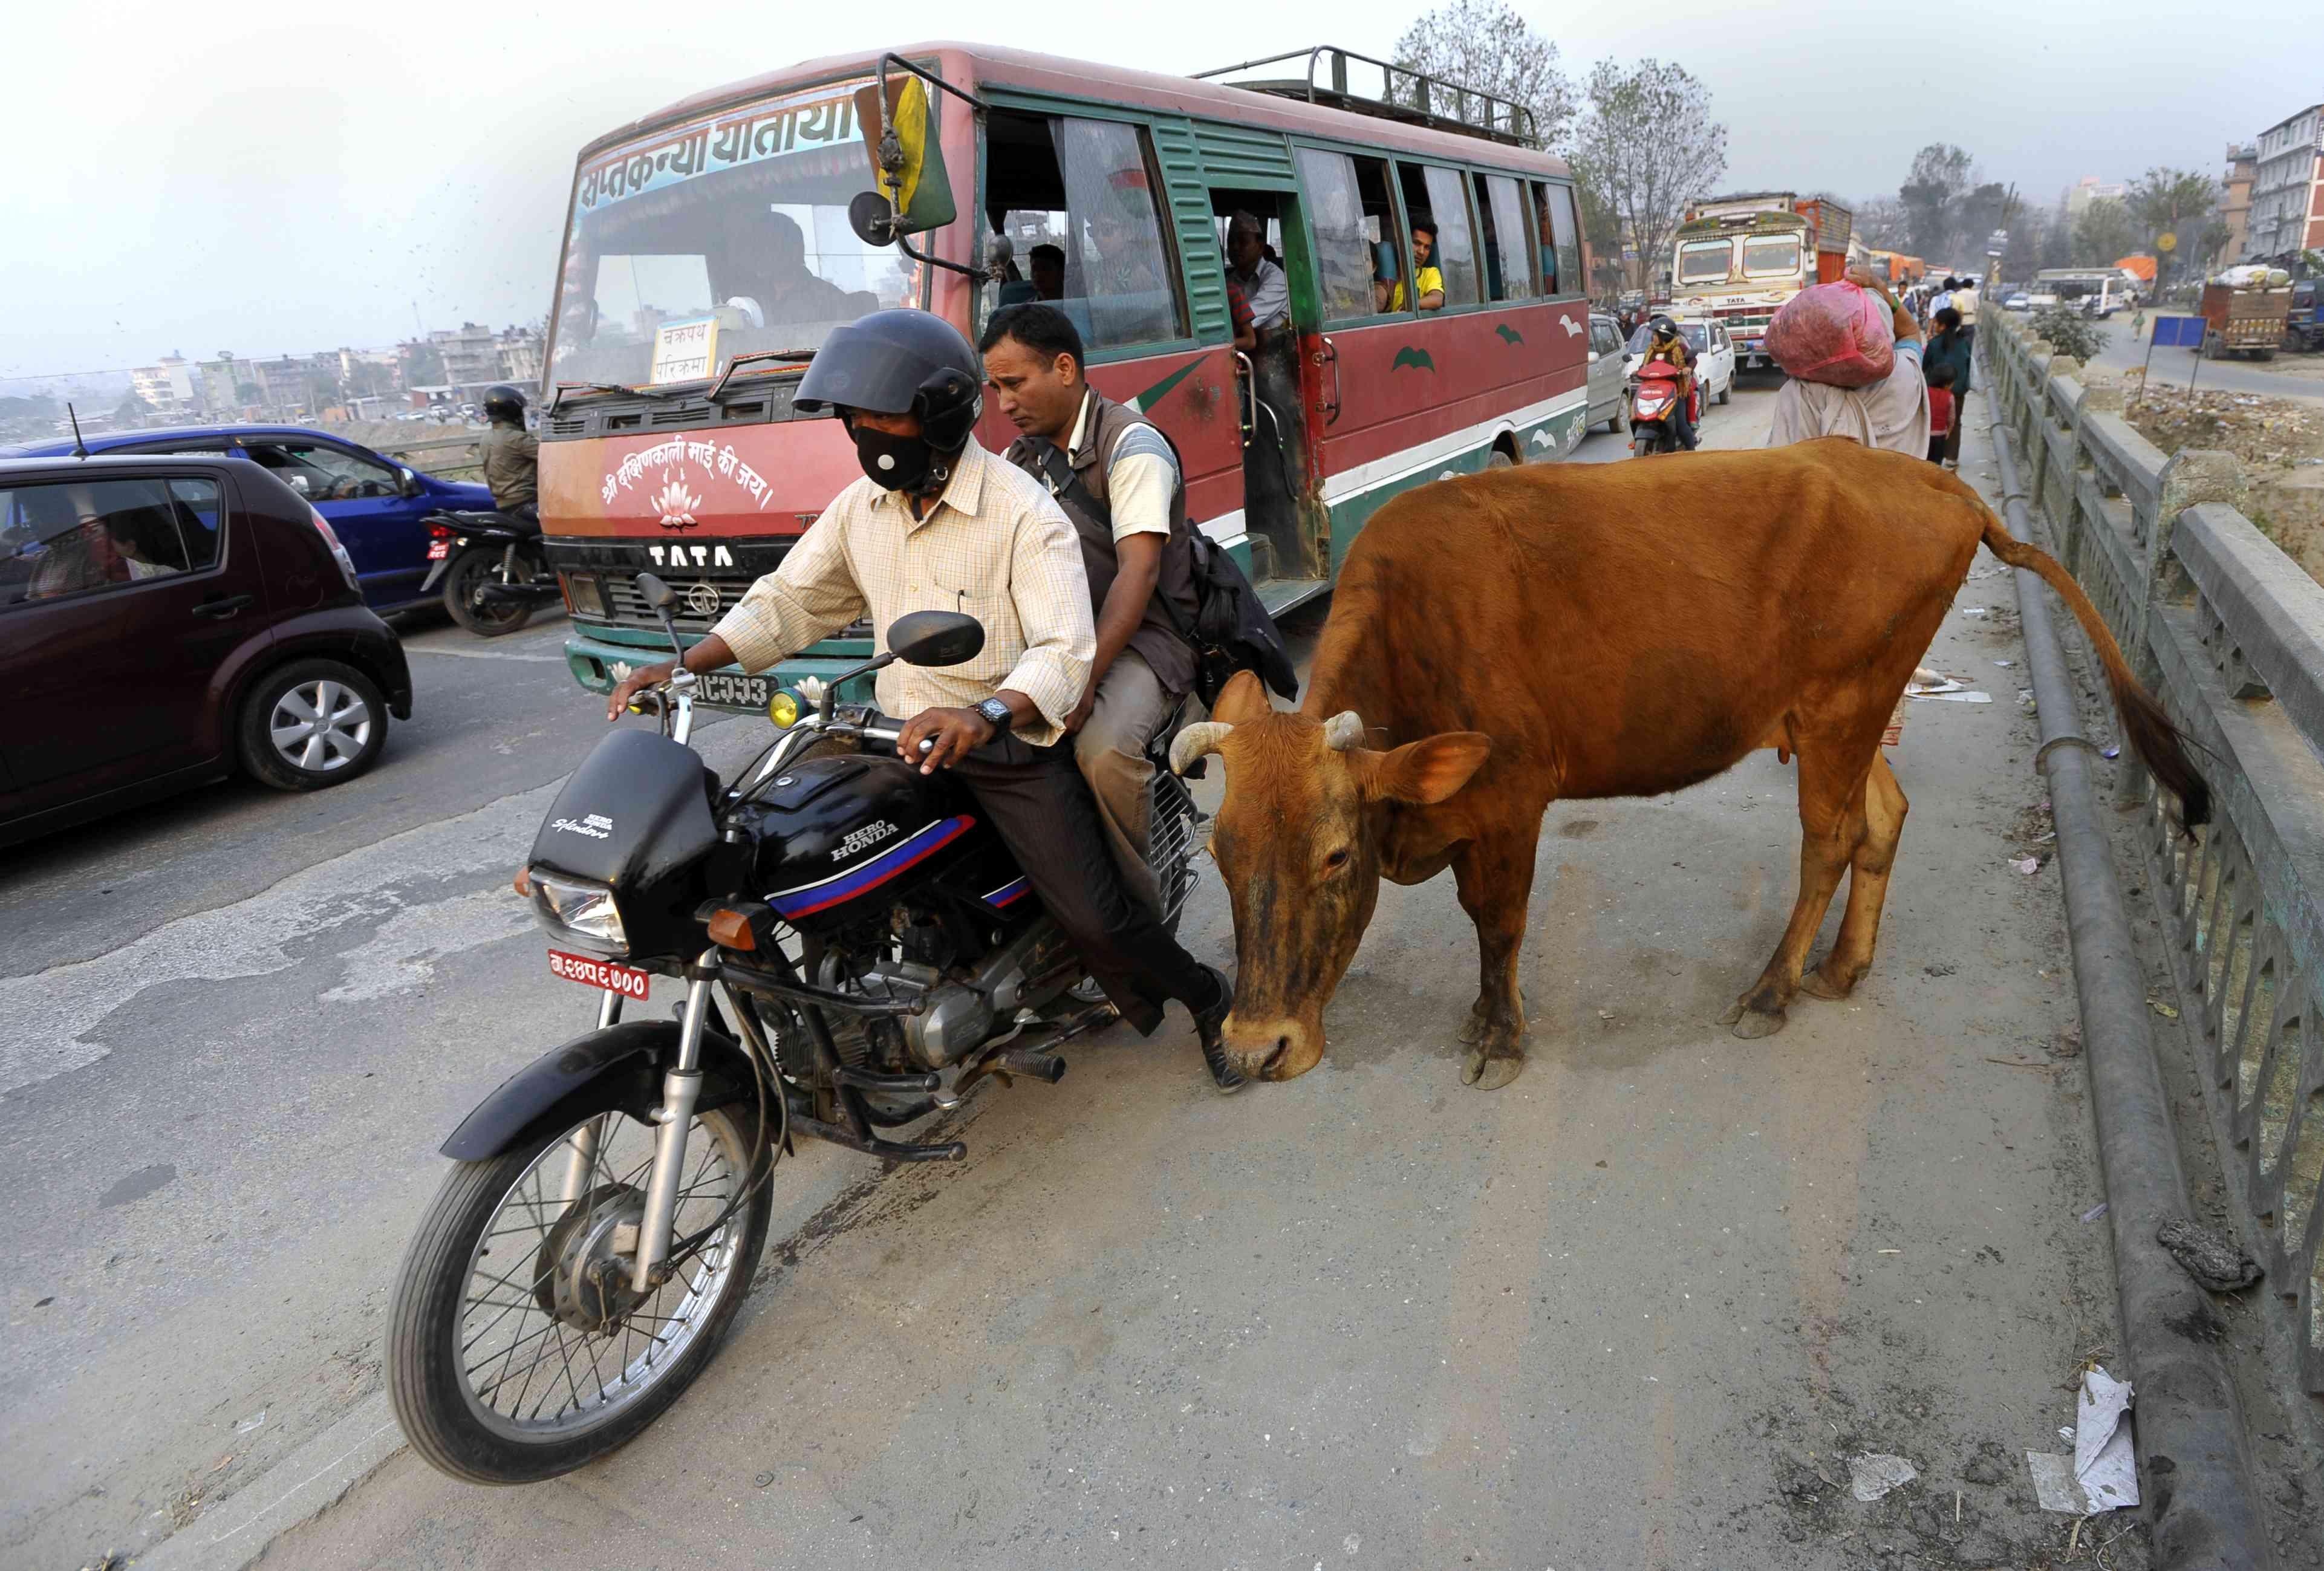 A cow joins traffic in Kathmandu, Nepal